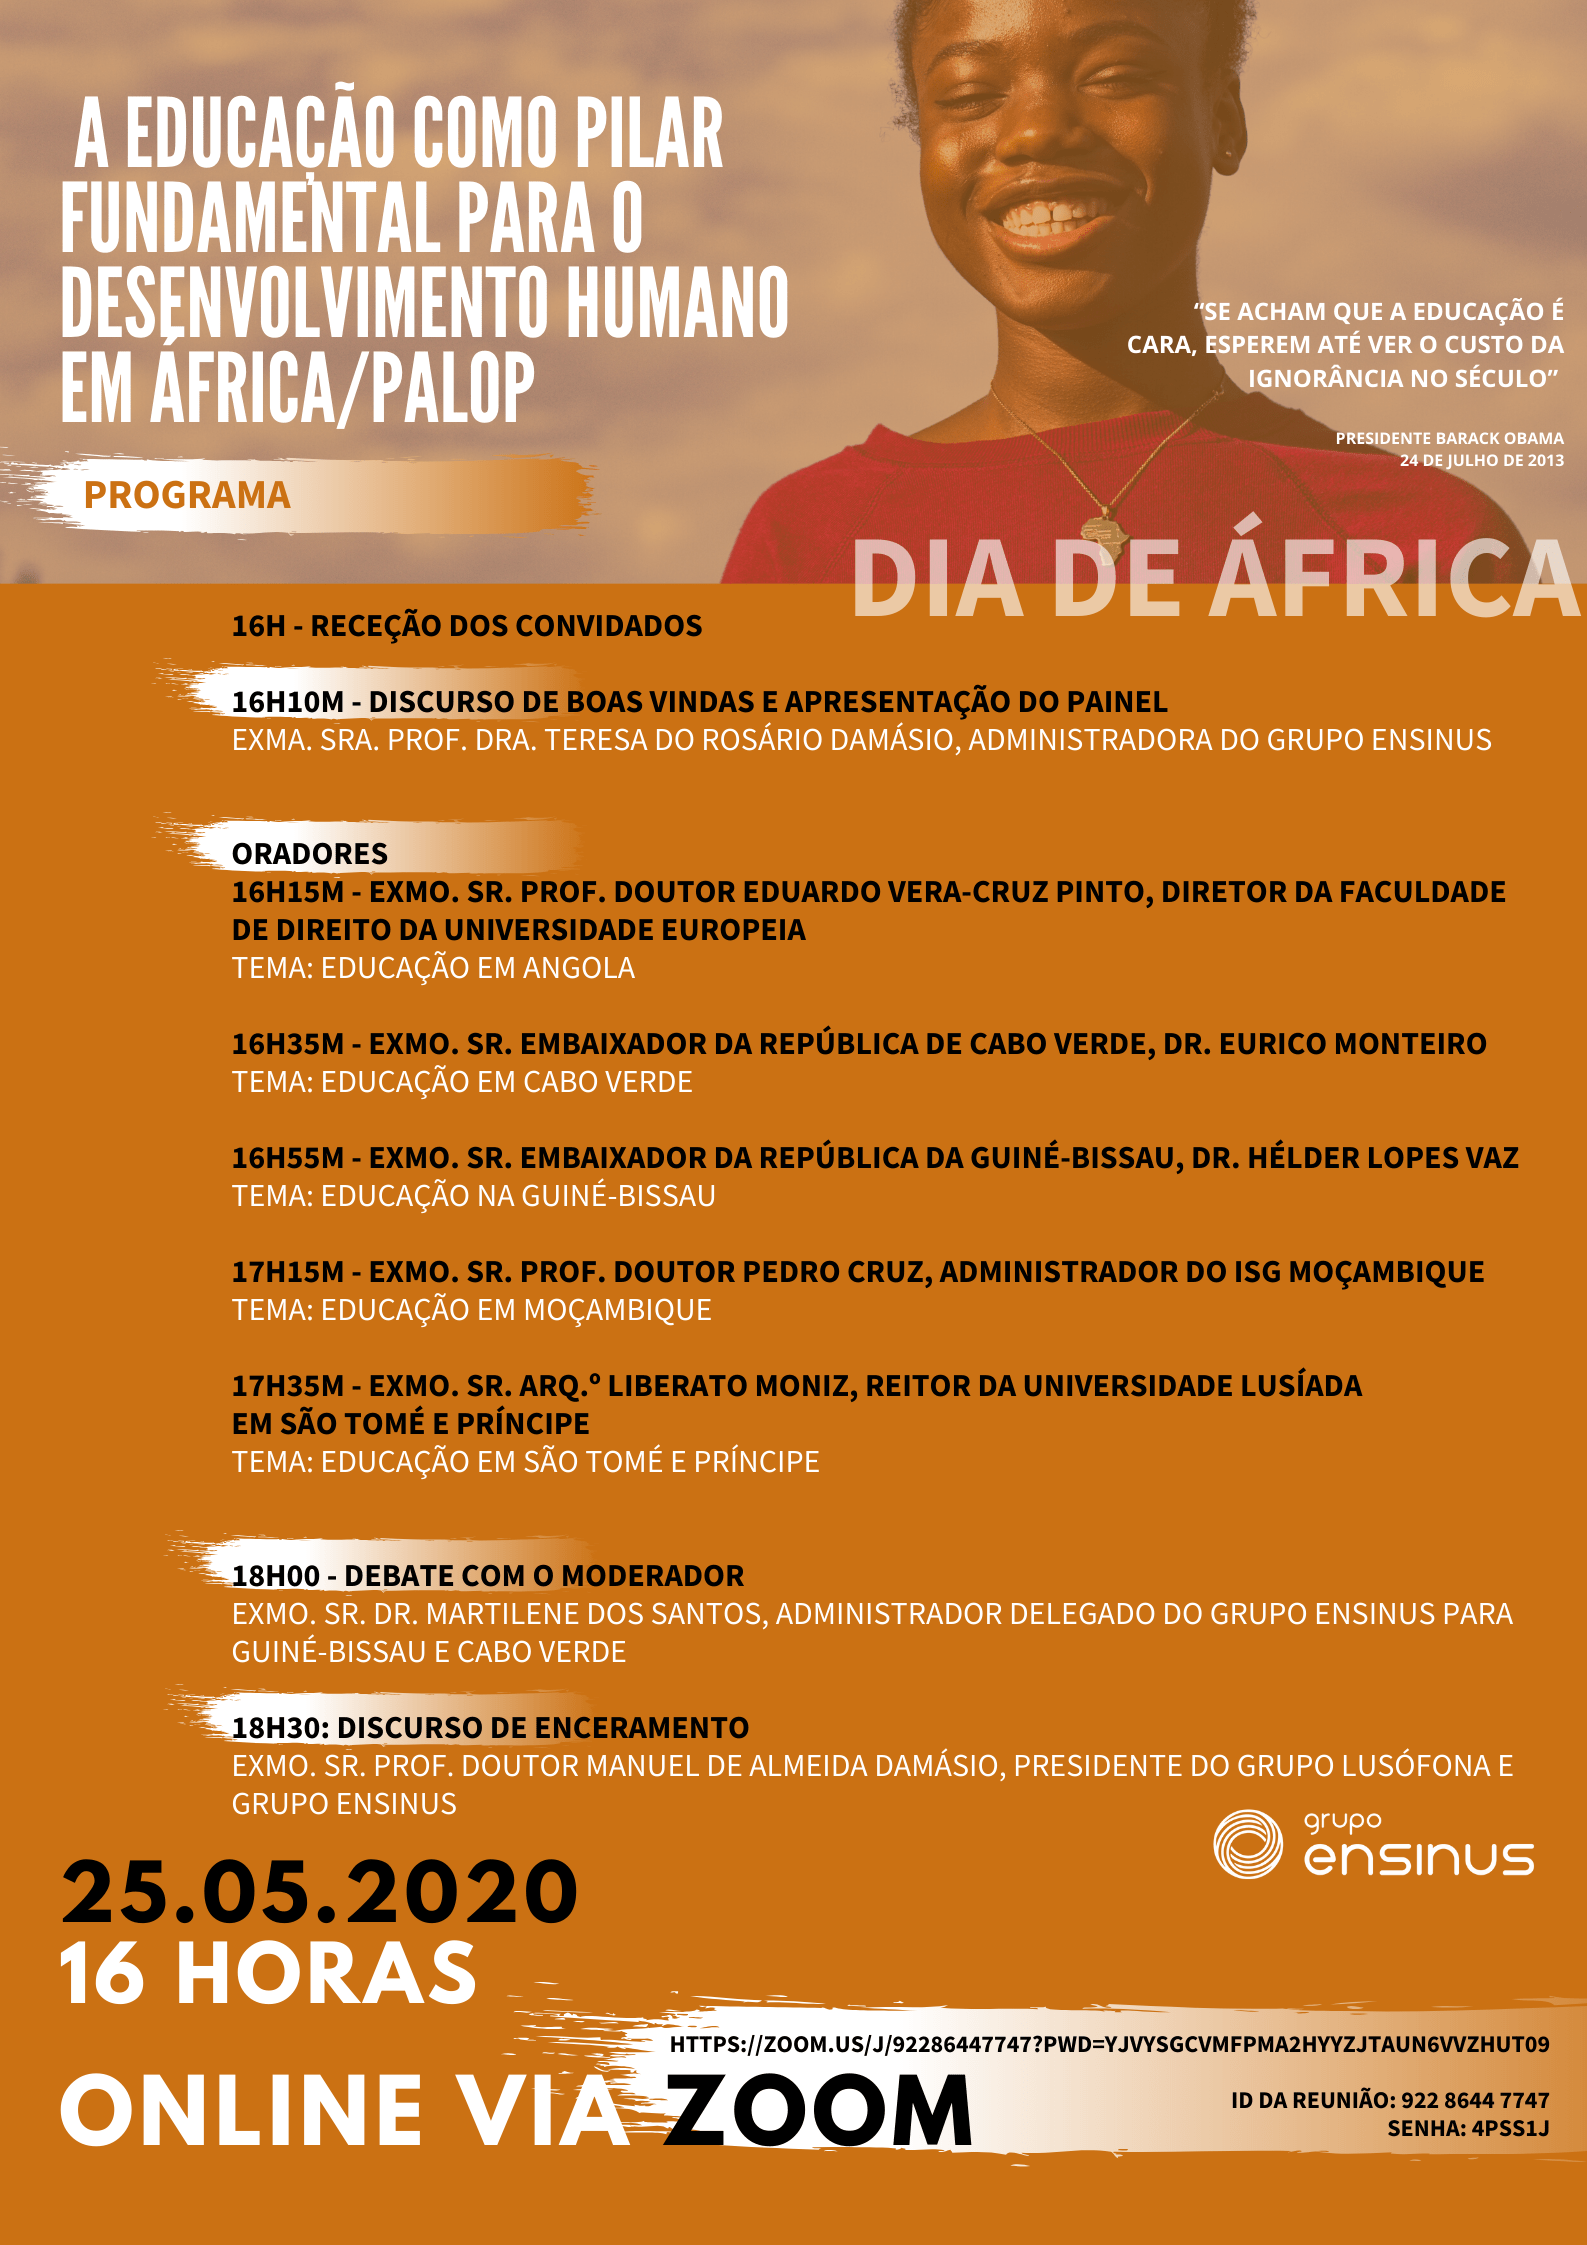 GRUPO ENSINUS CELEBRA DIA DE ÁFRICA